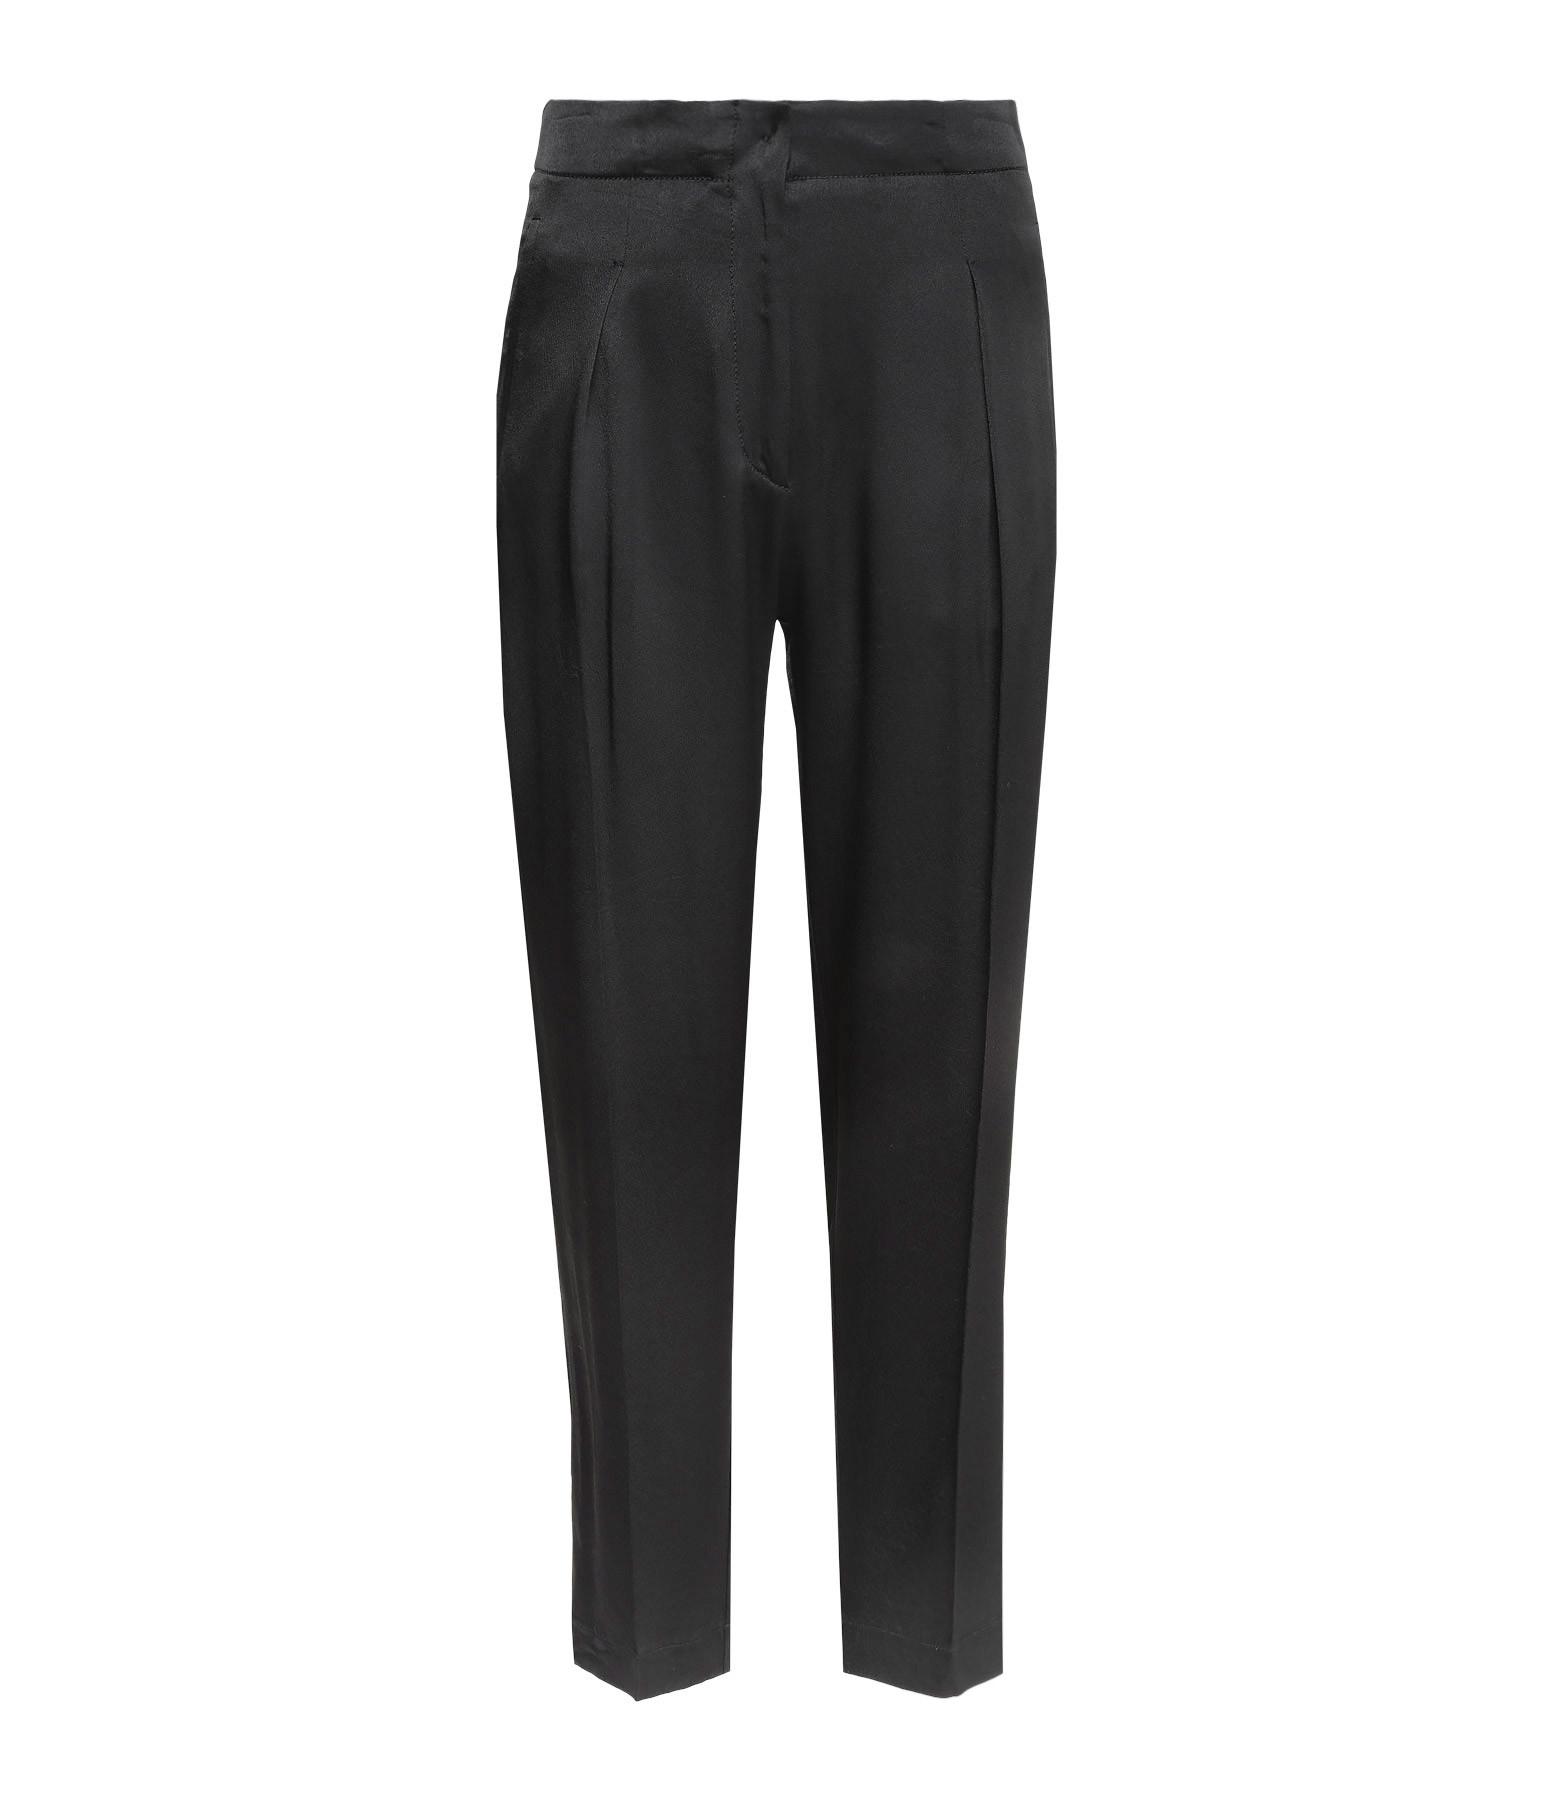 FORTE_FORTE - Pantalon Satin Marocain Taille Haute Noir